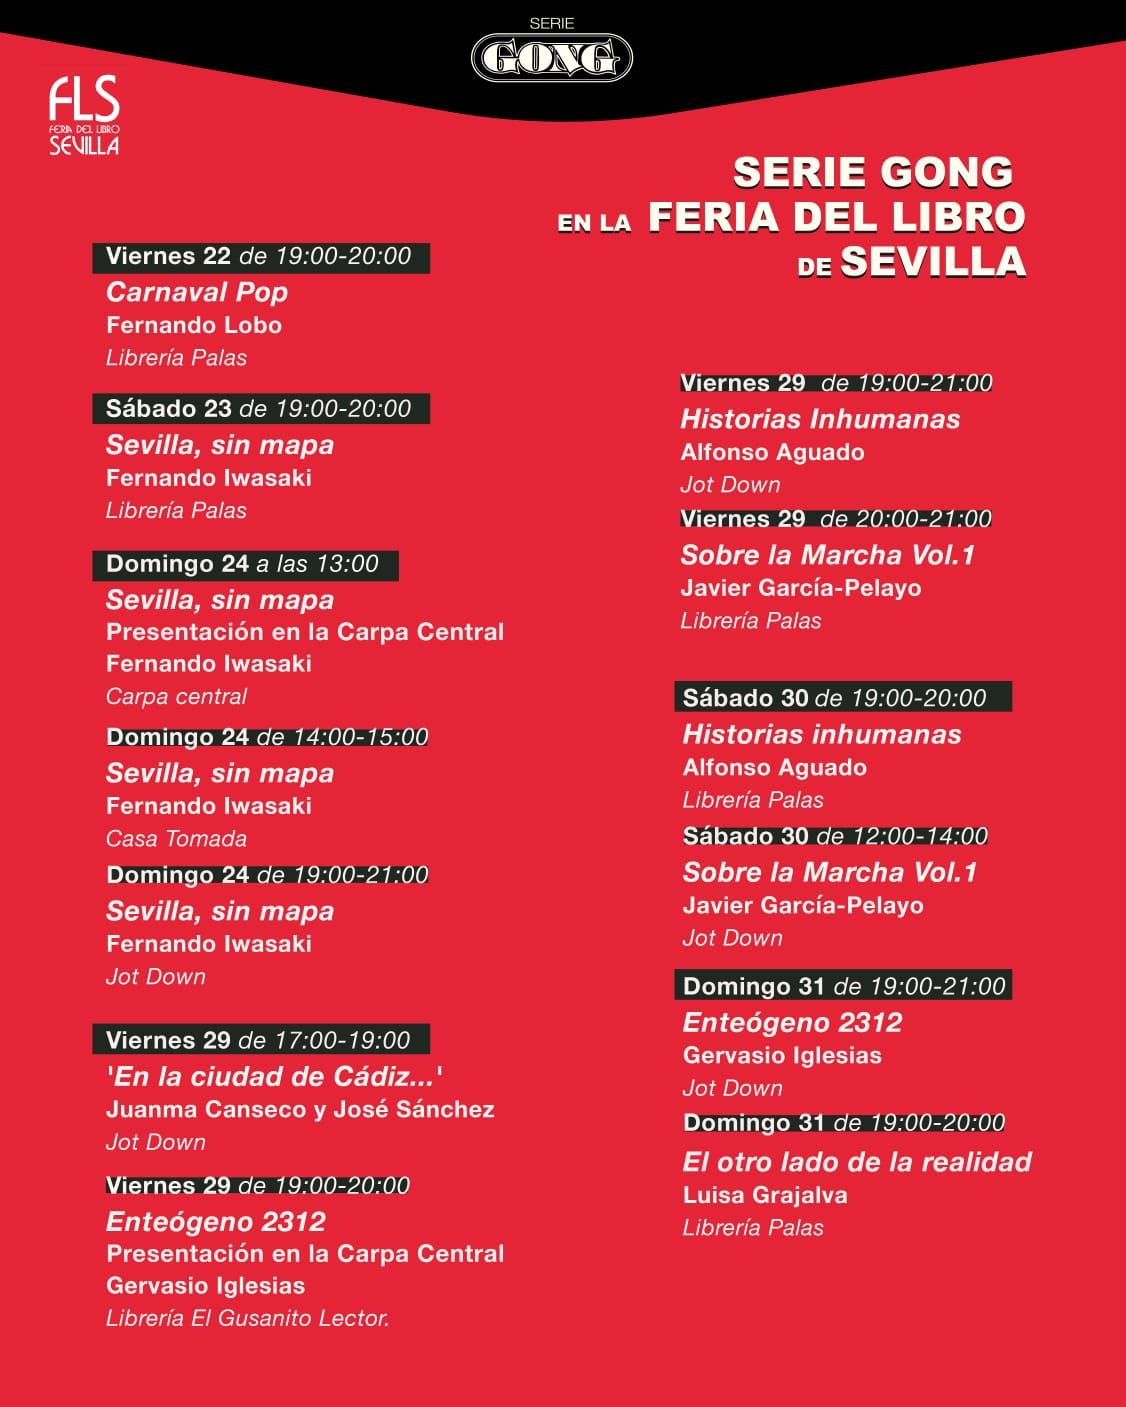 La editorial Serie Gong en la Feria del Libro de Sevilla 2021